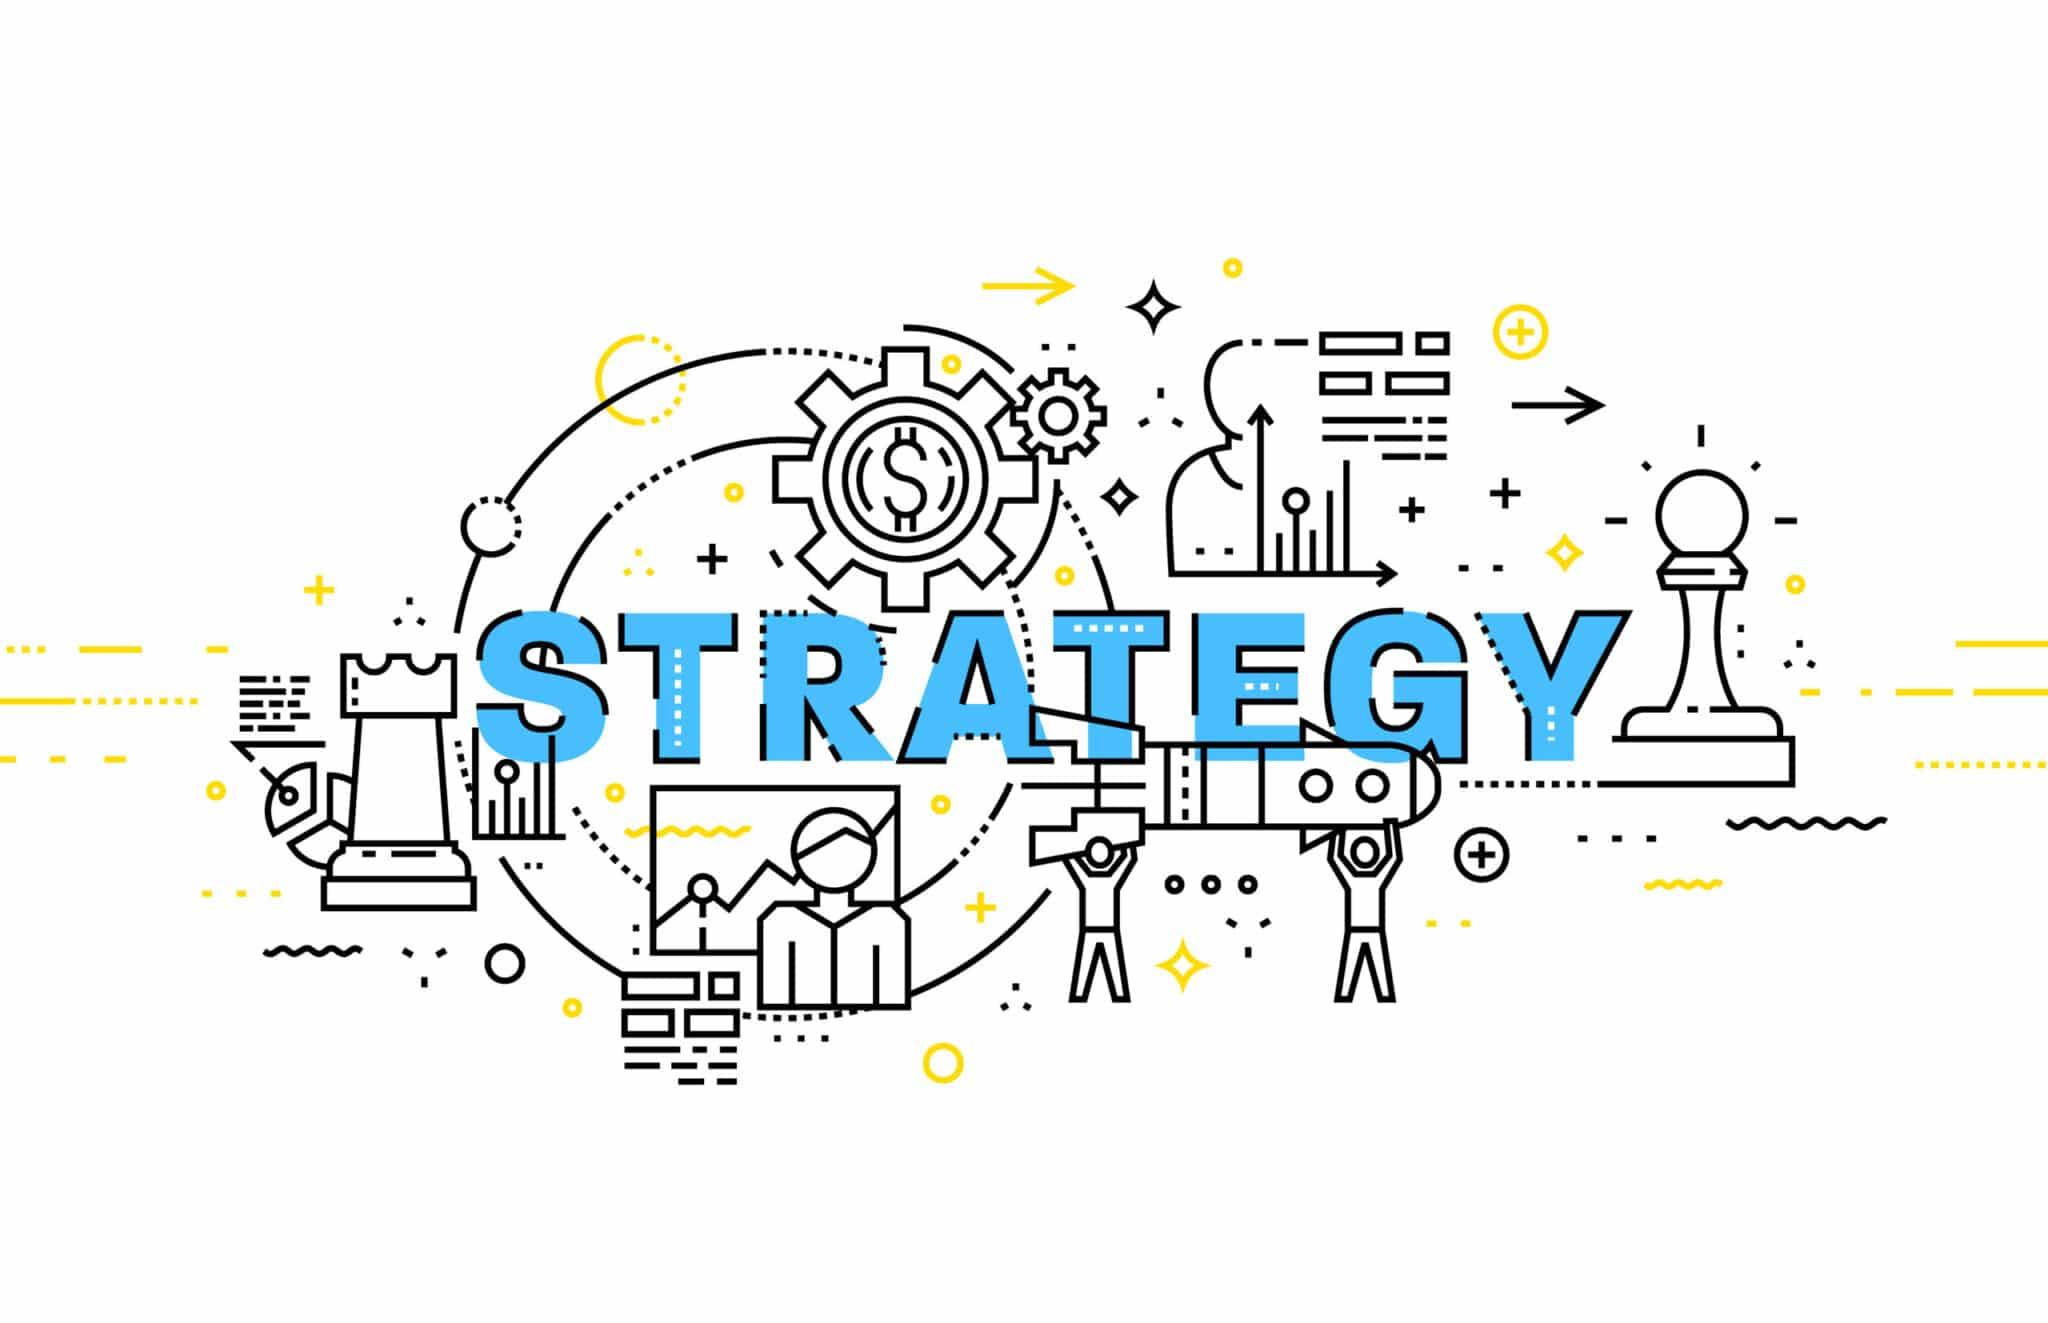 Haal op een strategische manier jouw websitebezoekers terug